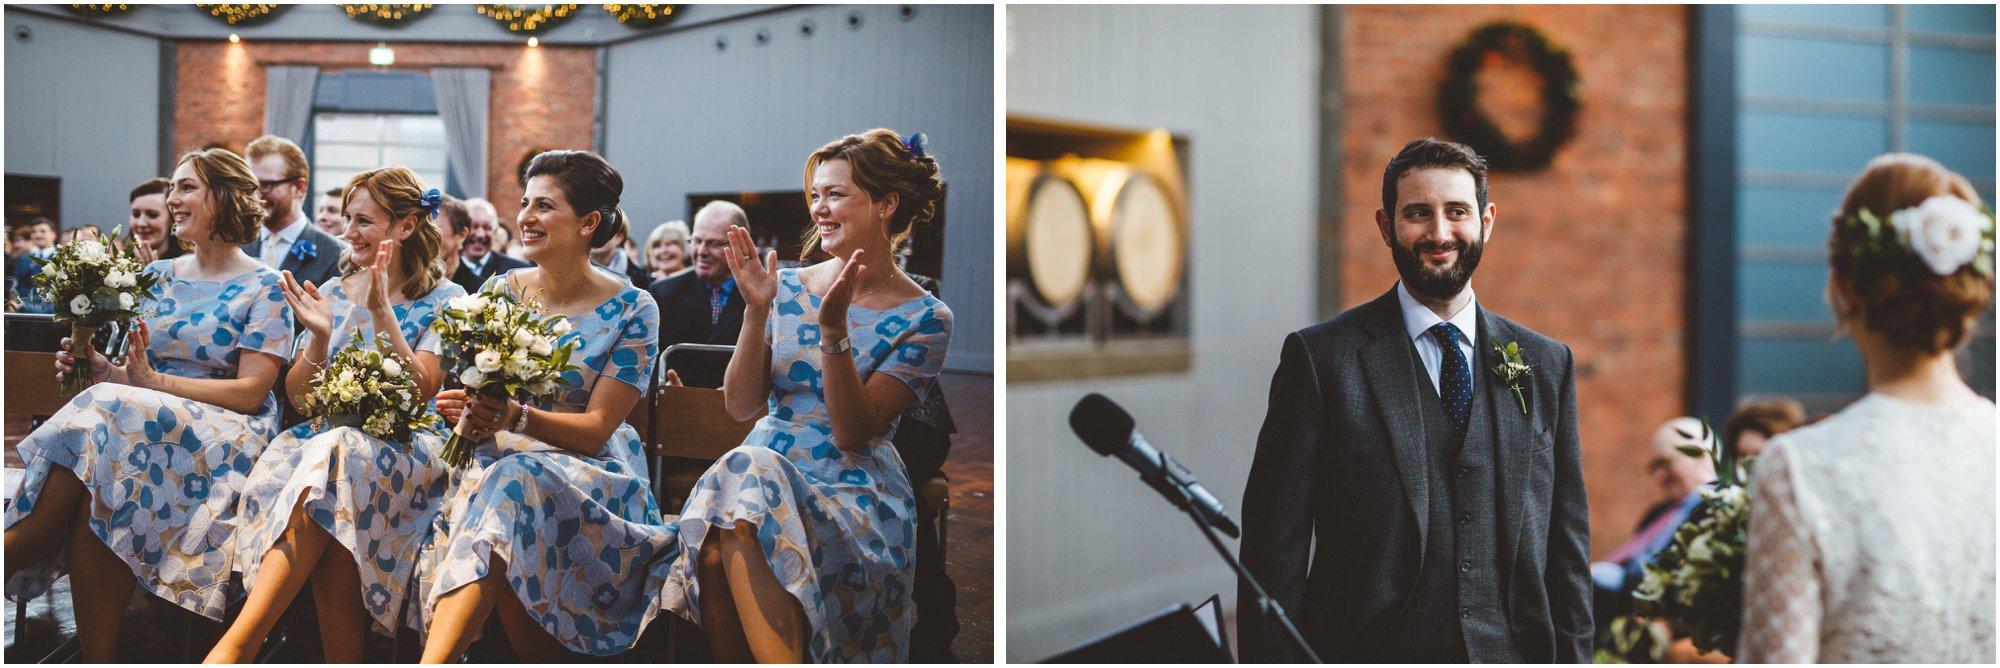 Wylam Brewery Wedding Newcastle_0033.jpg